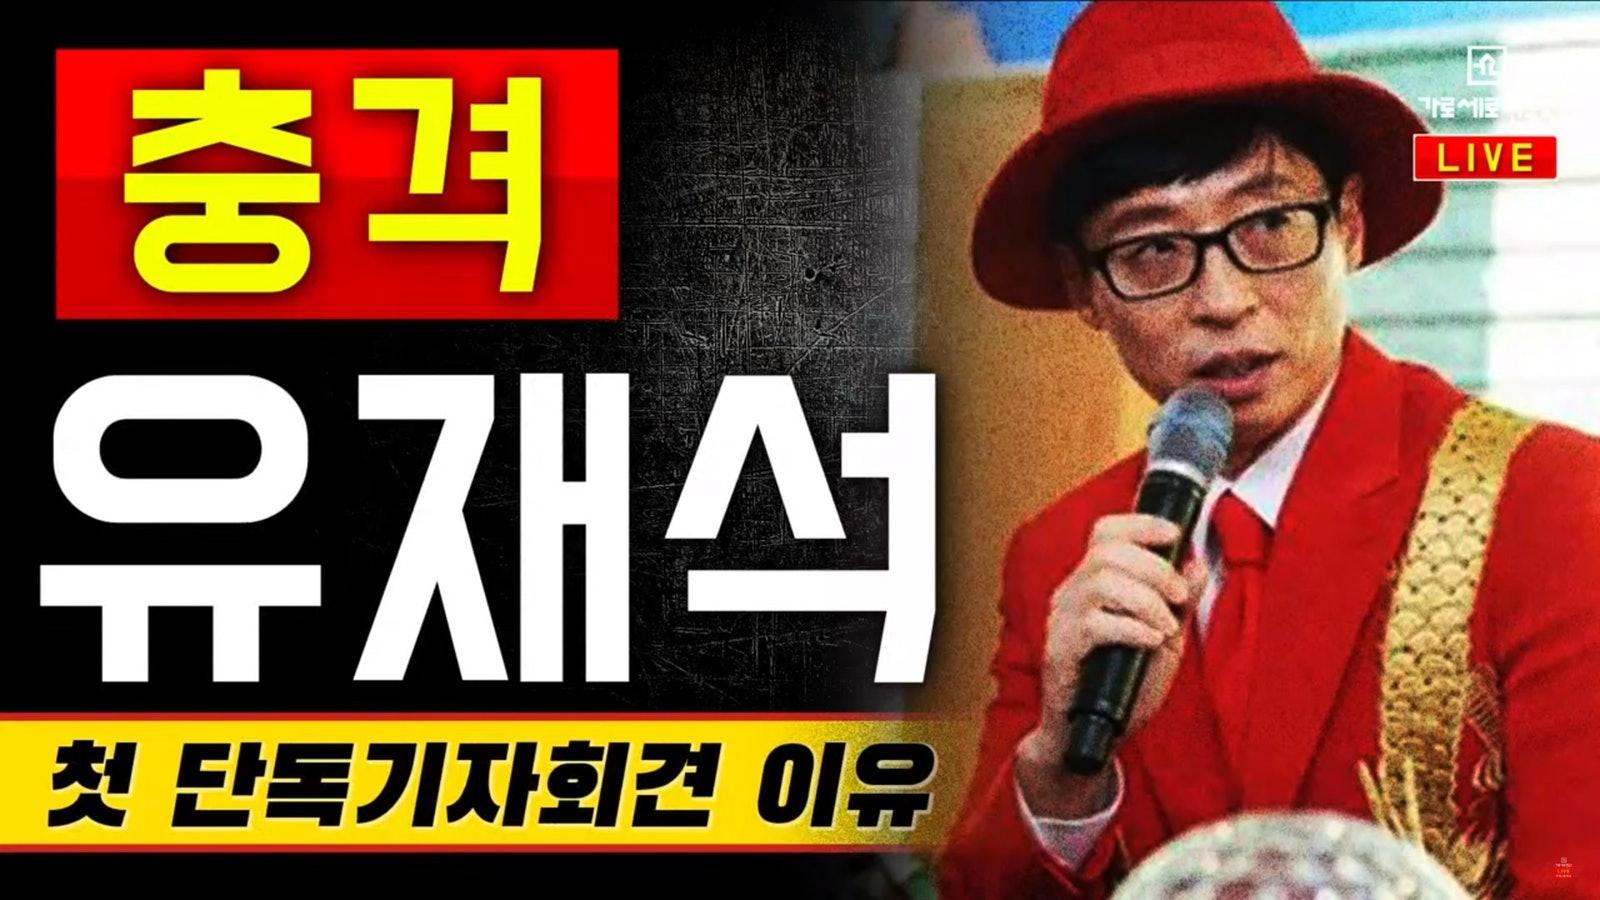 劉在錫捲性醜聞後再被爆操縱股價 簽約FNC娛樂從中獲利? - GamblePlus